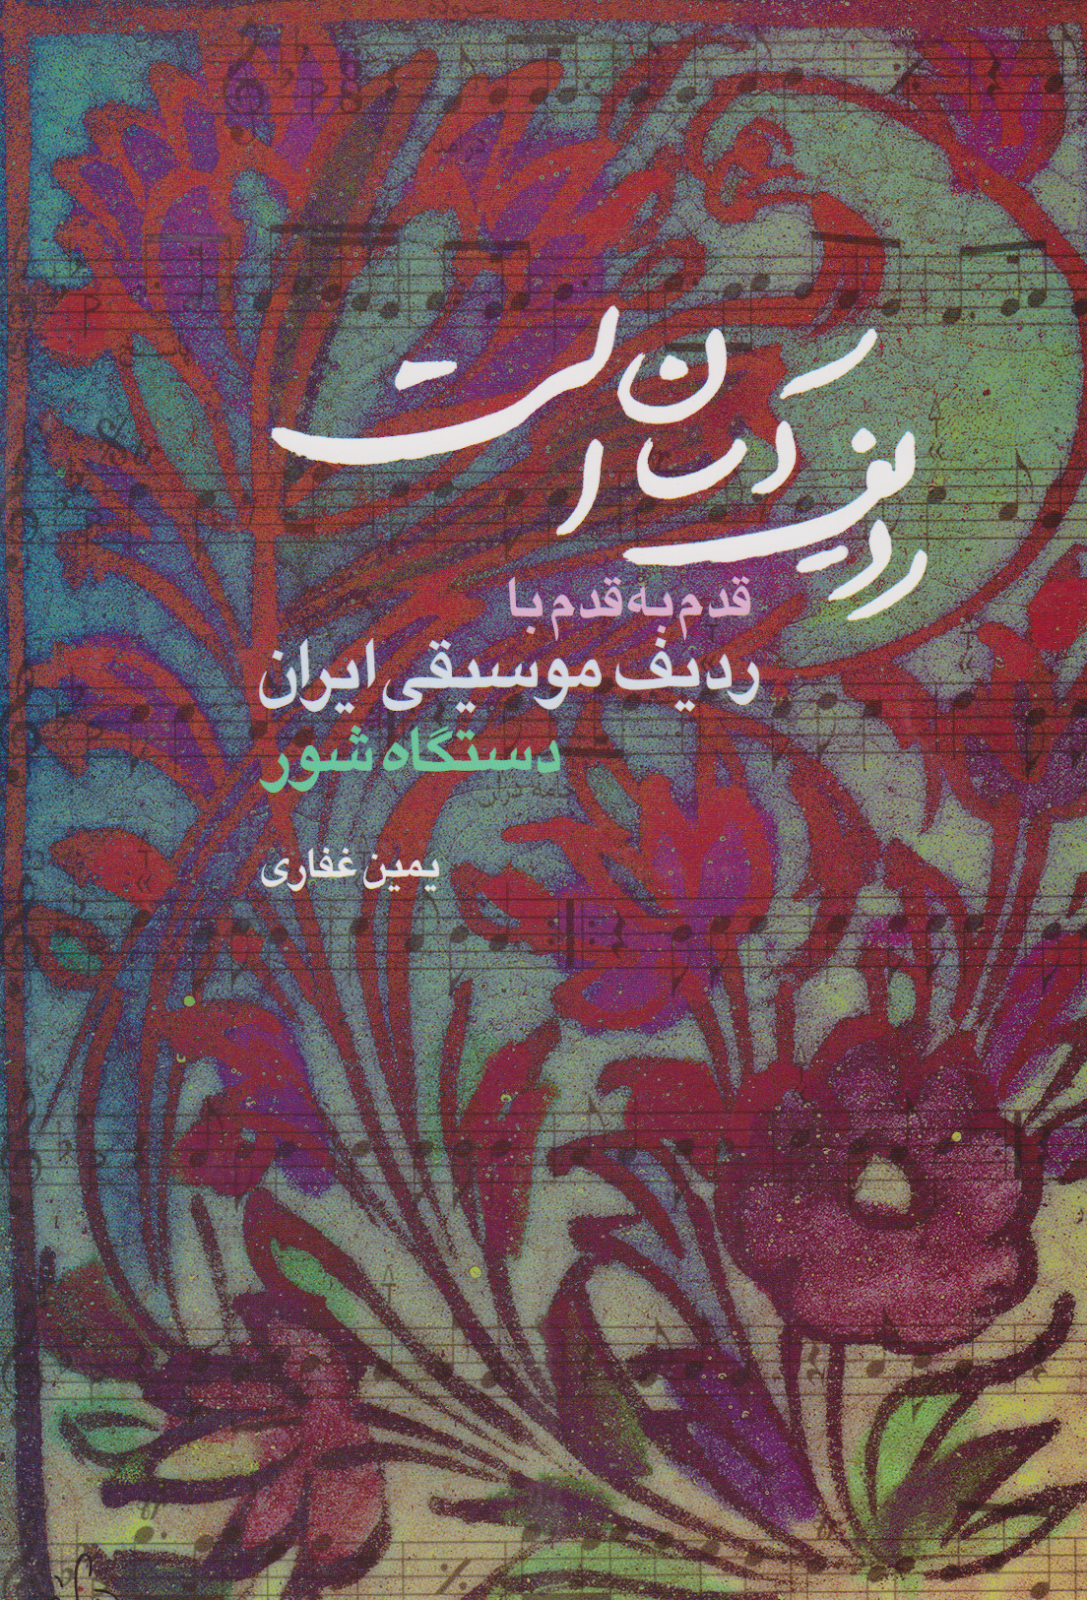 کتاب ردیف آسان است یمین غفاری انتشارات هستان